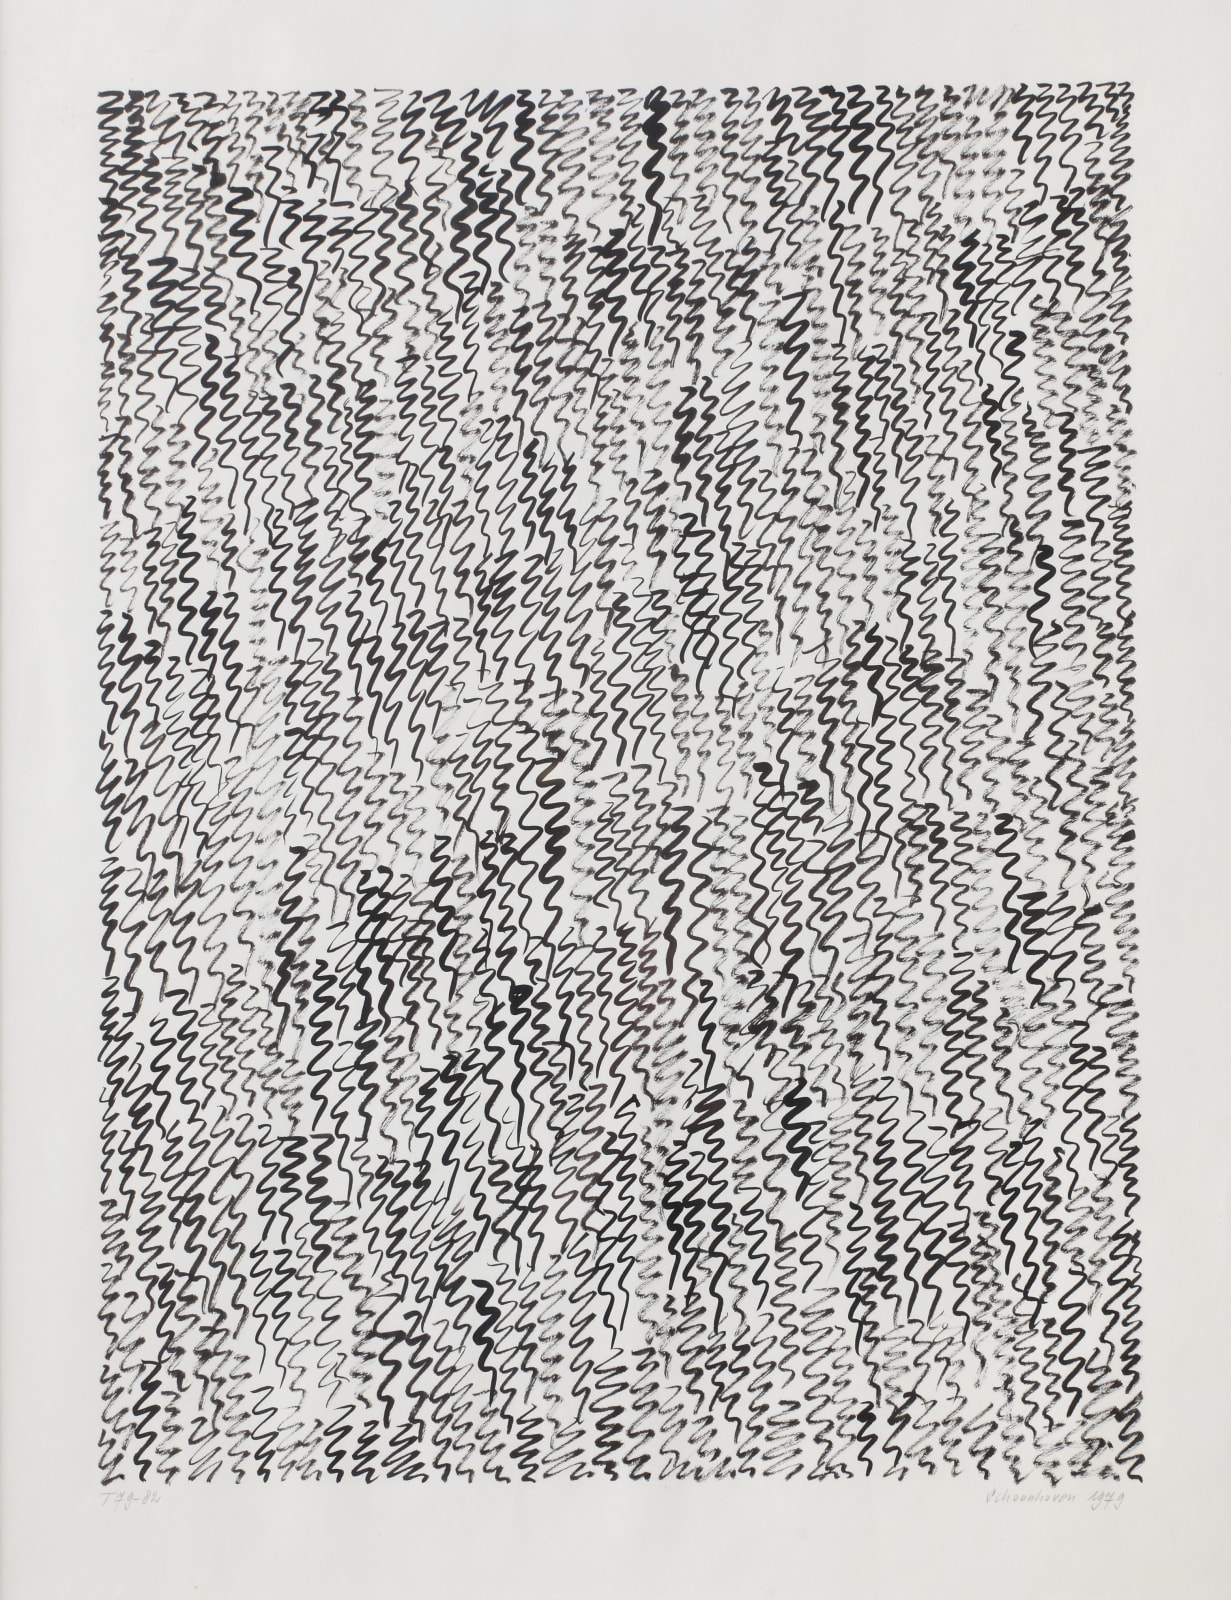 JAN SCHOONHOVEN, T 79-82, 1979